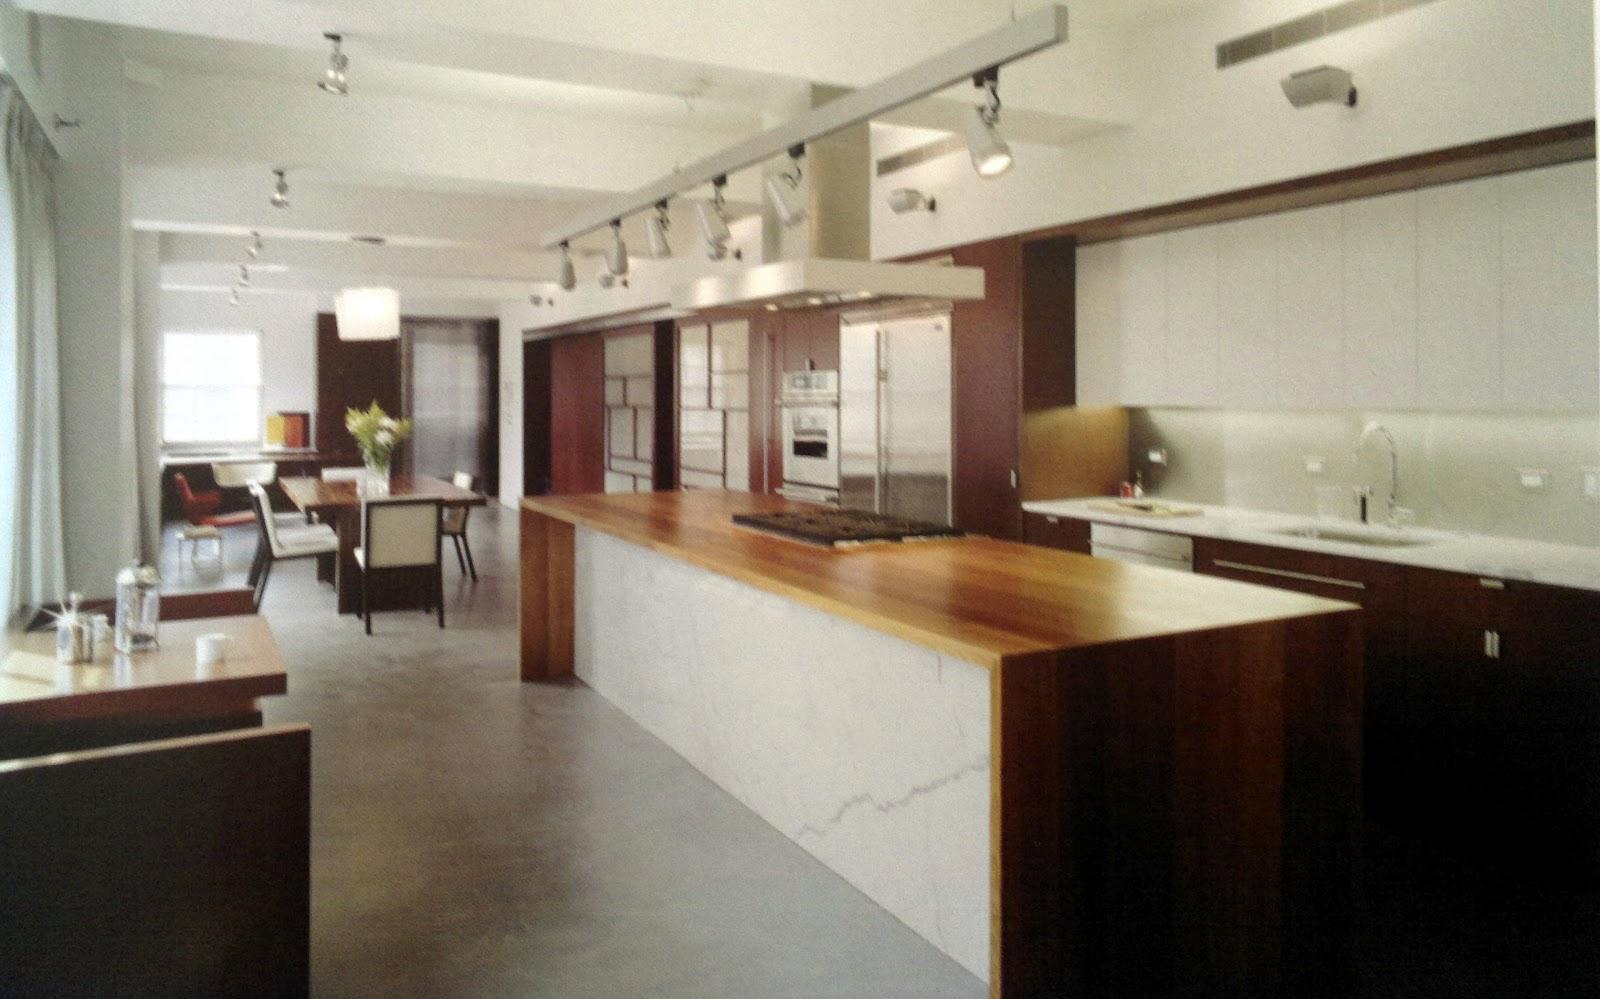 Soggiorno E La Cucina (o L'angolo Cottura) Dovrebbe Essere Schermato #8F6A3C 1600 999 Arredare Soggiorno Cucina A Vista